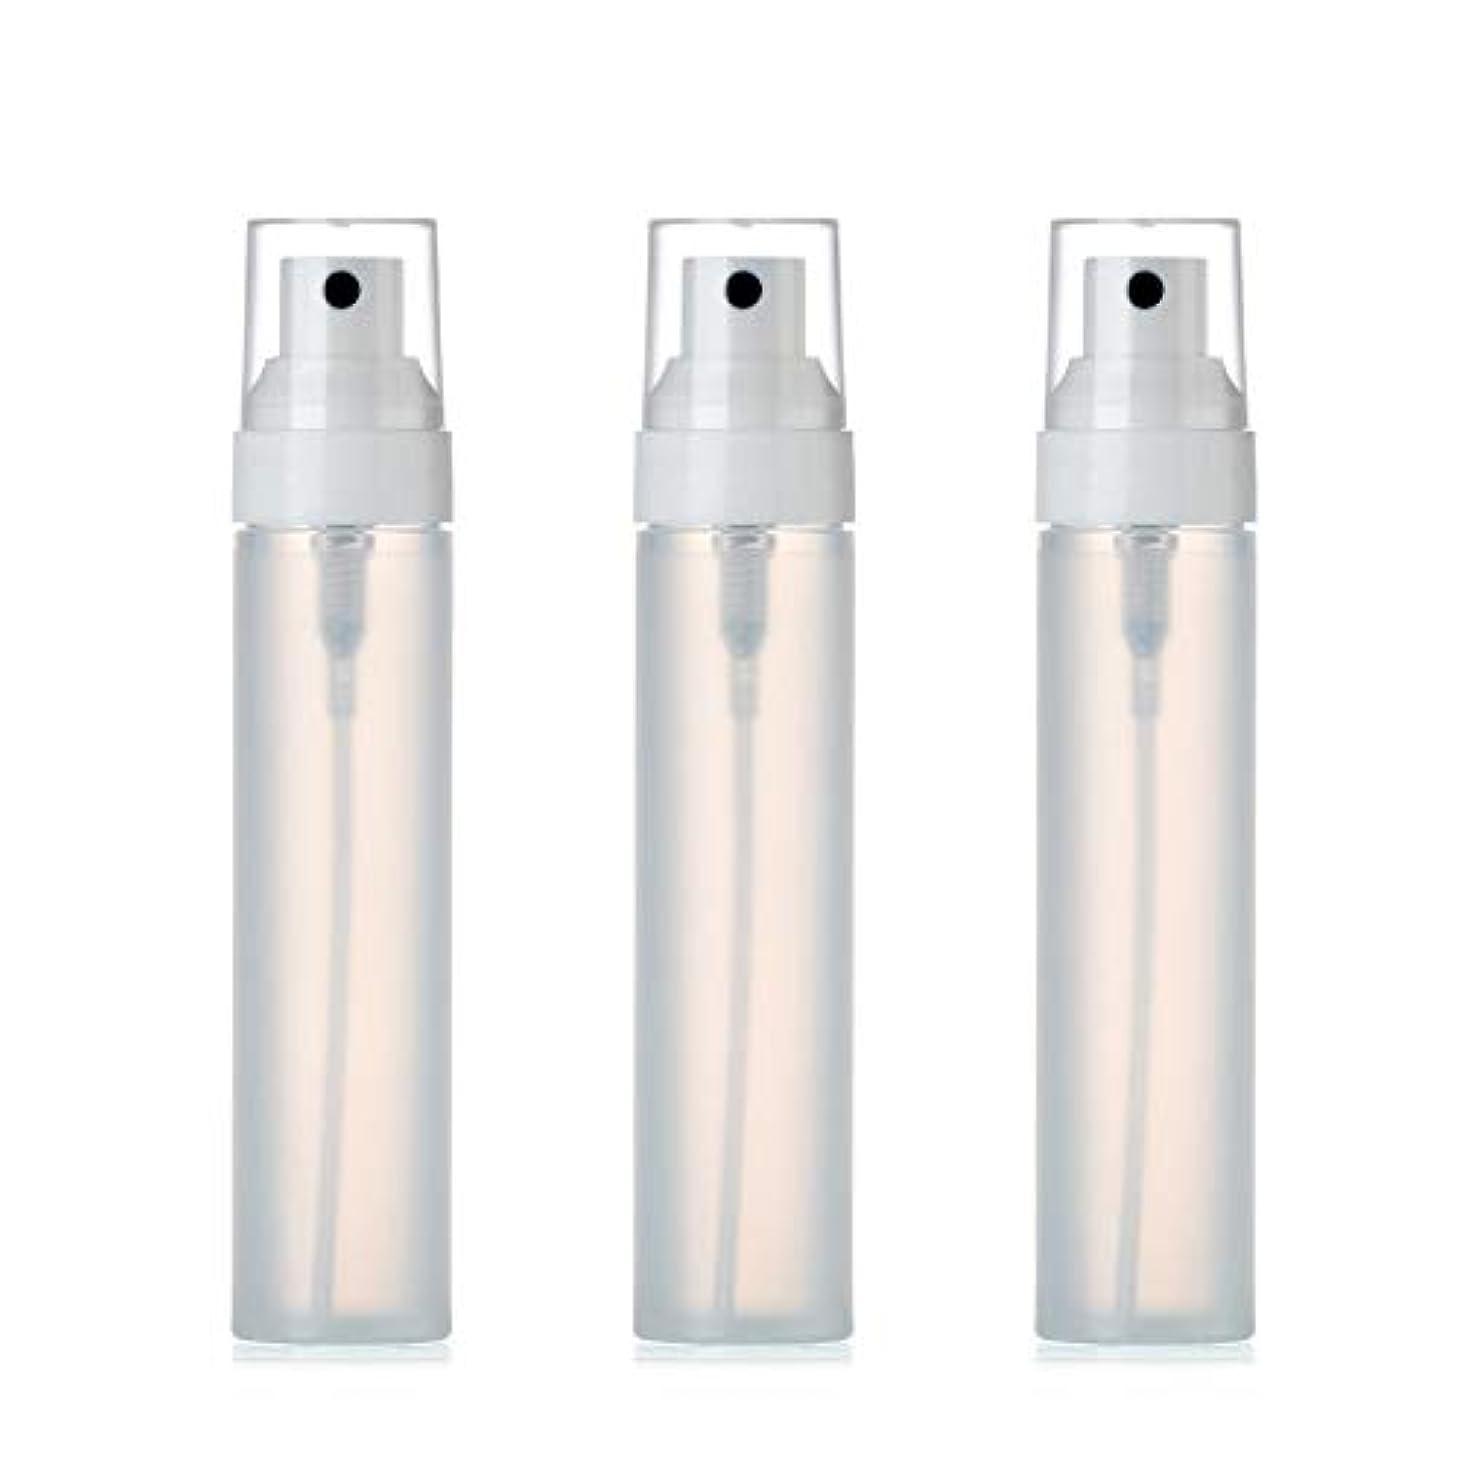 視線寄付避難極細のミスト 小分けボトル 3本セット 半透明 トラベルボトル PP 磨砂 スプレーボトル 化粧水 詰替用ボトル 霧吹き 環境保護 詰め替え容器 旅行用品 (50ml)